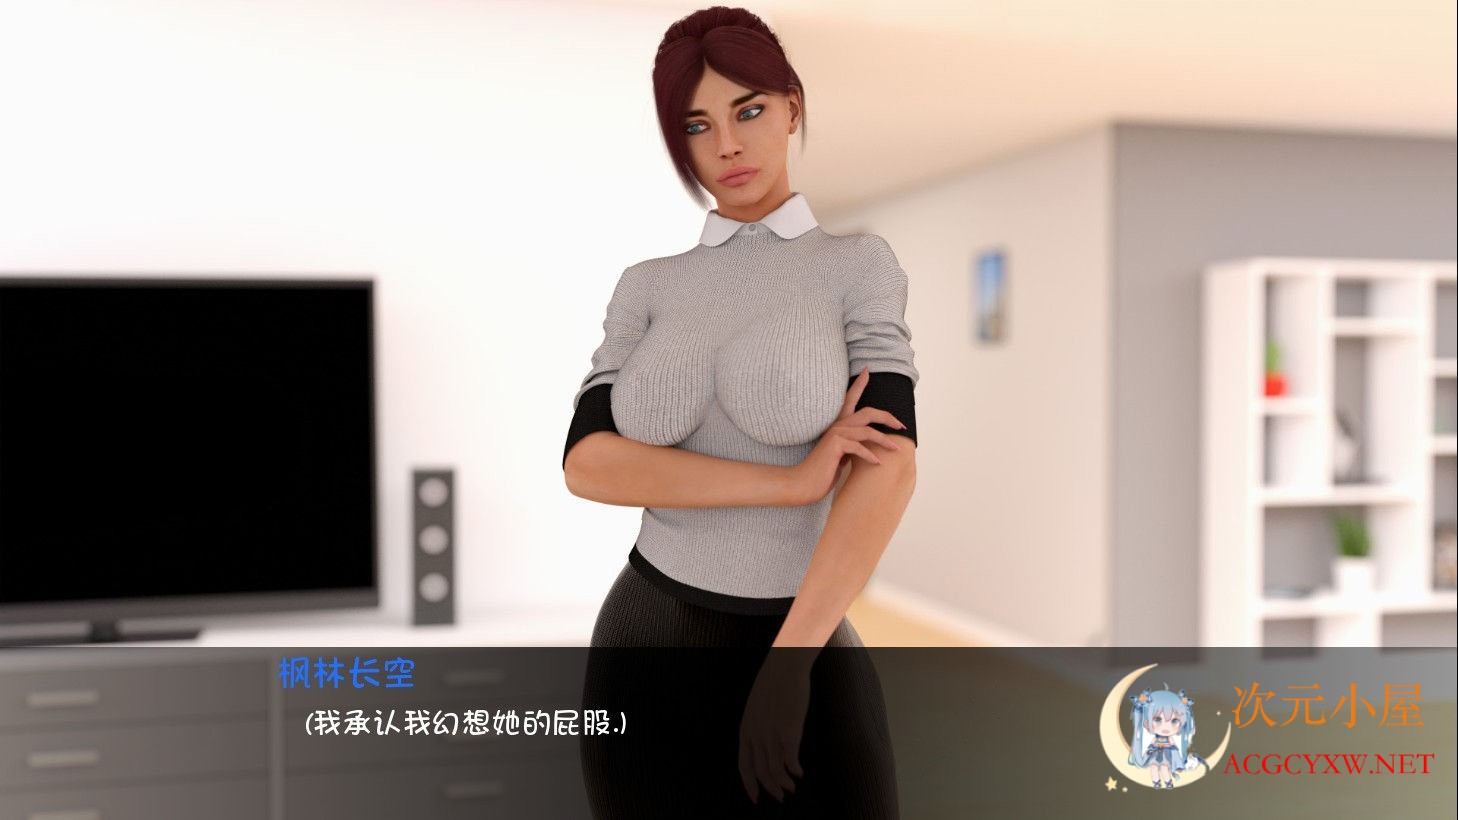 [SLG神作/汉化/动态CG]欲望回声 Echoes Of Lust 第二季V2EP6 精翻汉化版[10月大更新/8G]  5297 次元小屋